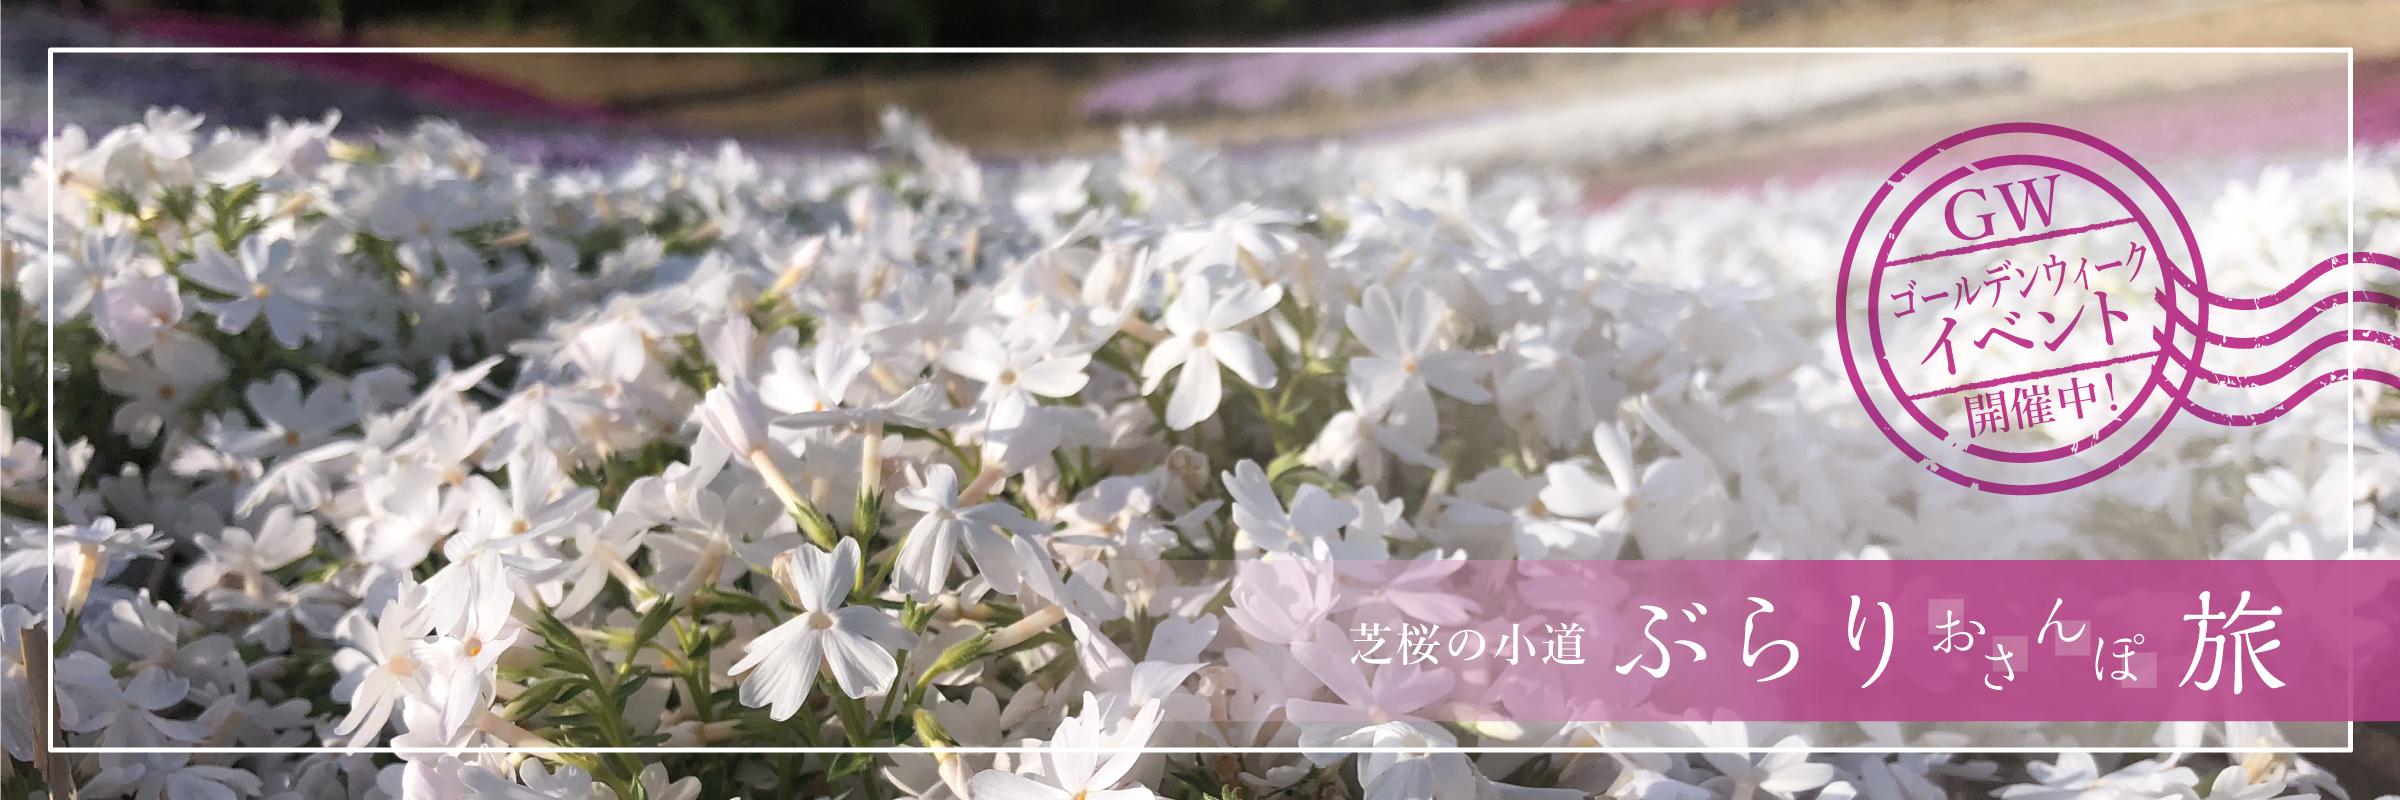 ヤマサ蒲鉾・芝桜の小道~イベントまとめ~